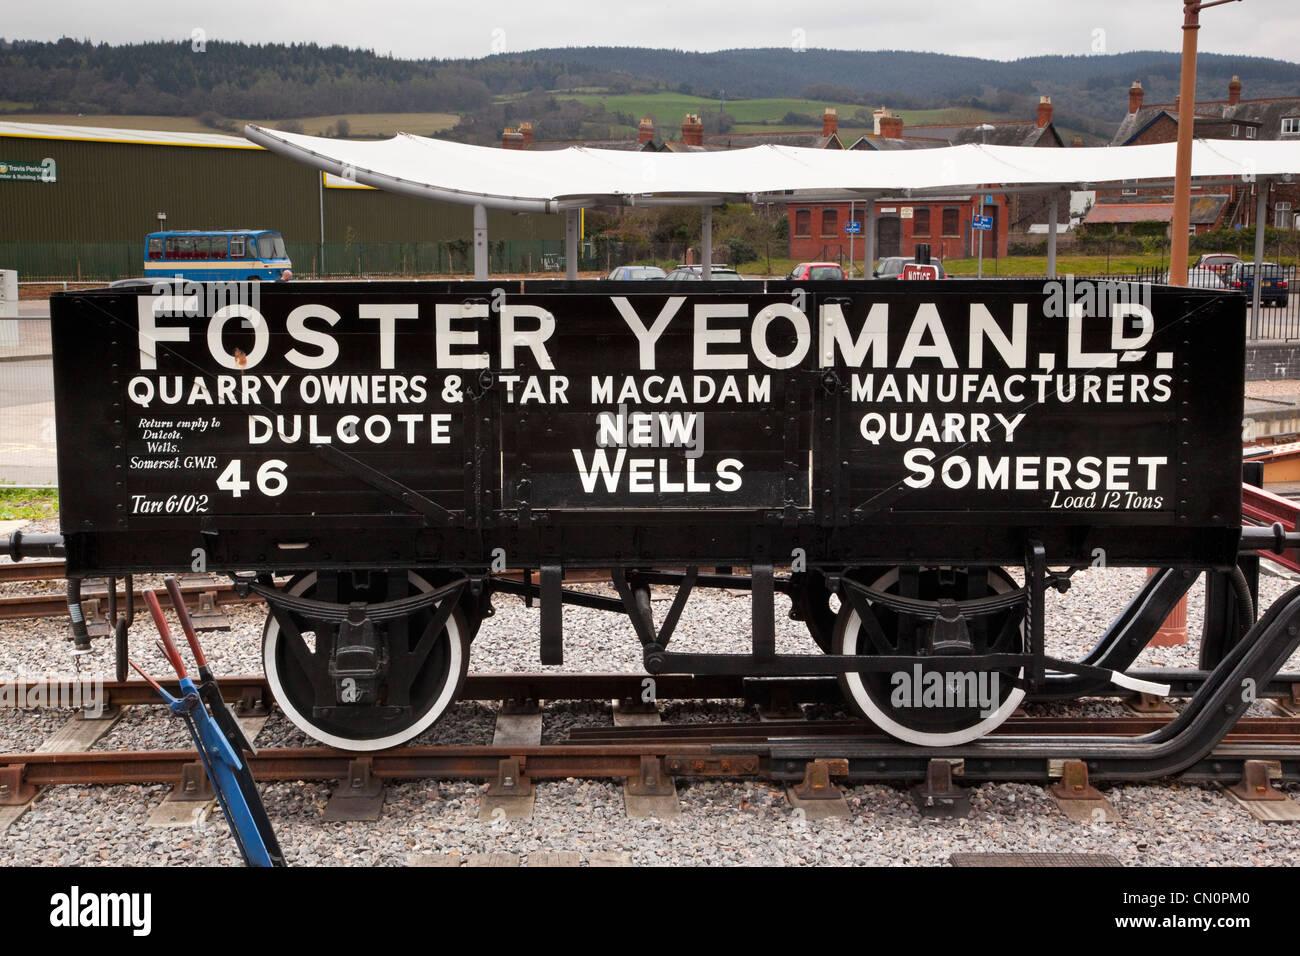 Foster Yeoman agregado y Tar vagón GWR en West Somerset Railway, Minehead. UK Imagen De Stock